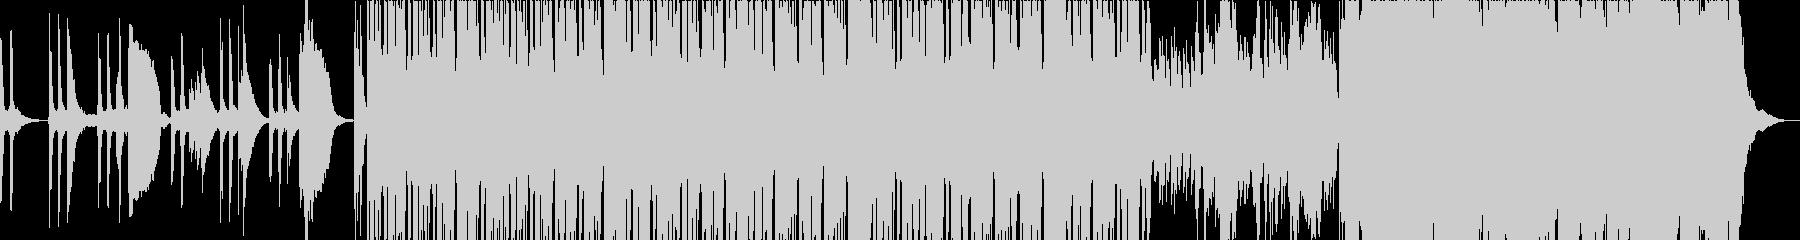 上品で透明感のあるラテン曲の未再生の波形